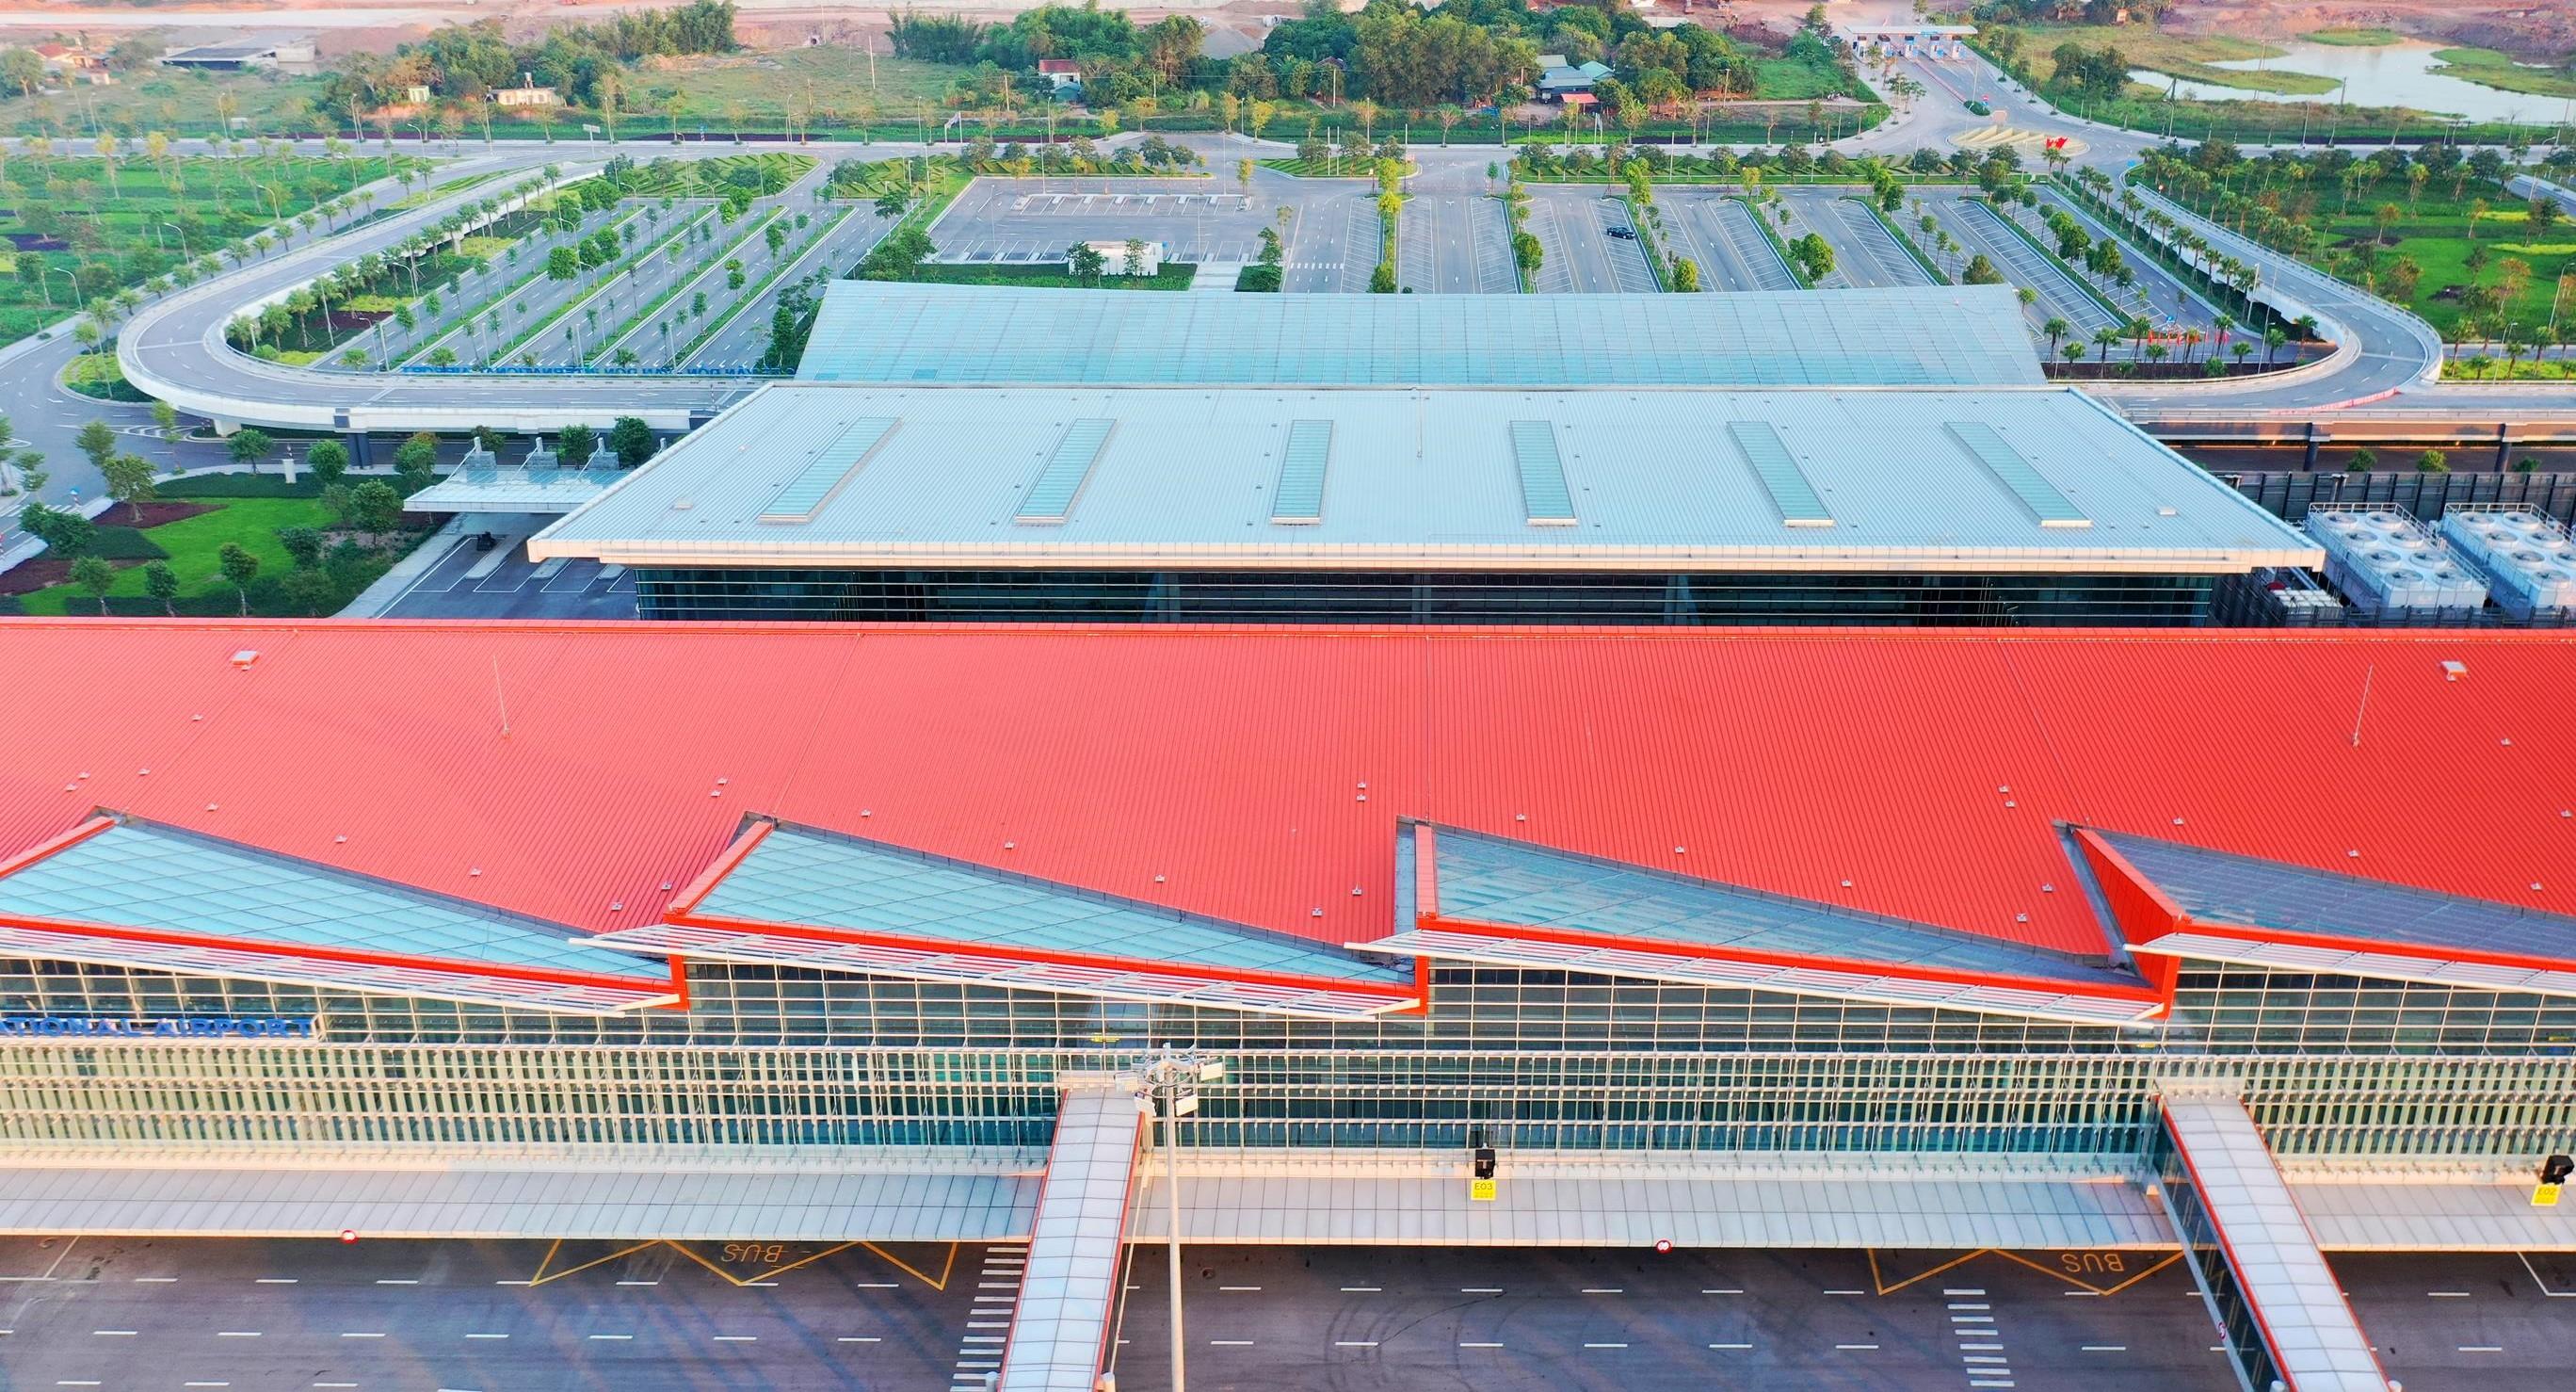 Sân bay Vân Đồn được Prix Versailles trao giải đặc biệt thế giới về thiết kế ngoại thất  - Ảnh 3